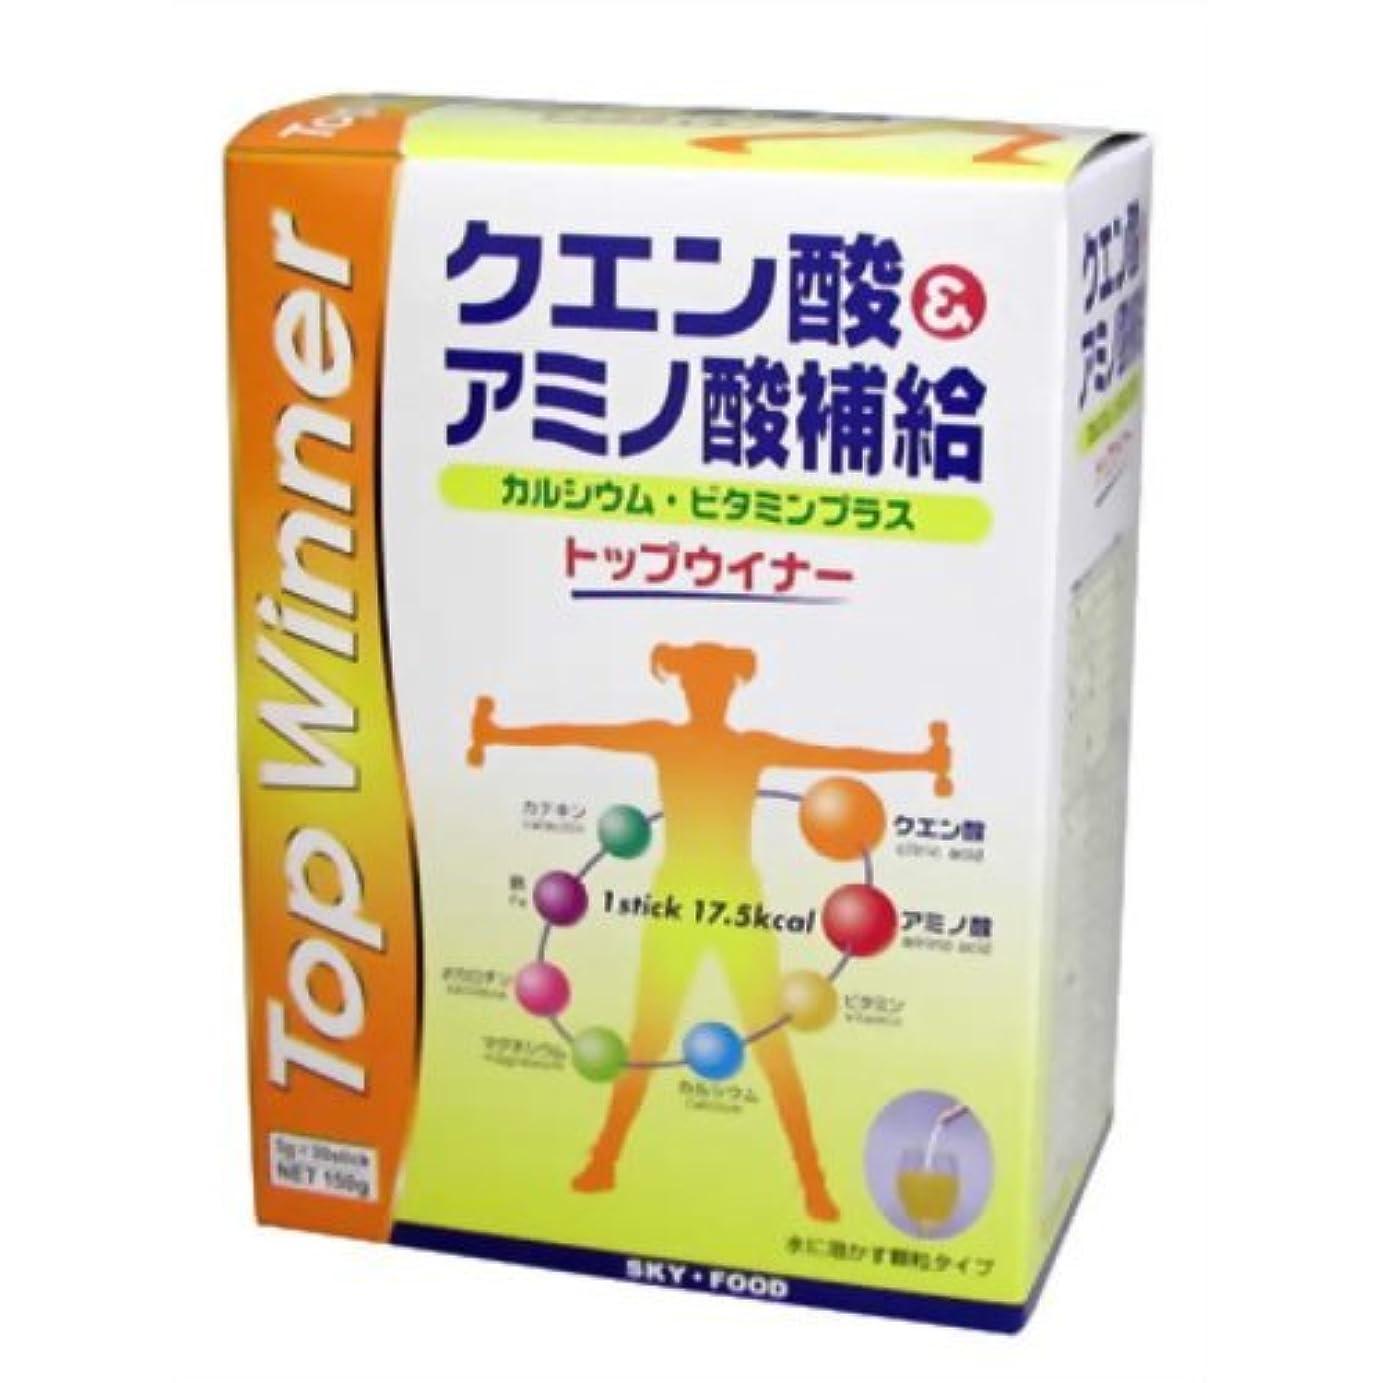 直面するボイド本質的ではないクエン酸&アミノ酸補給 トップウィナー 5g×30袋